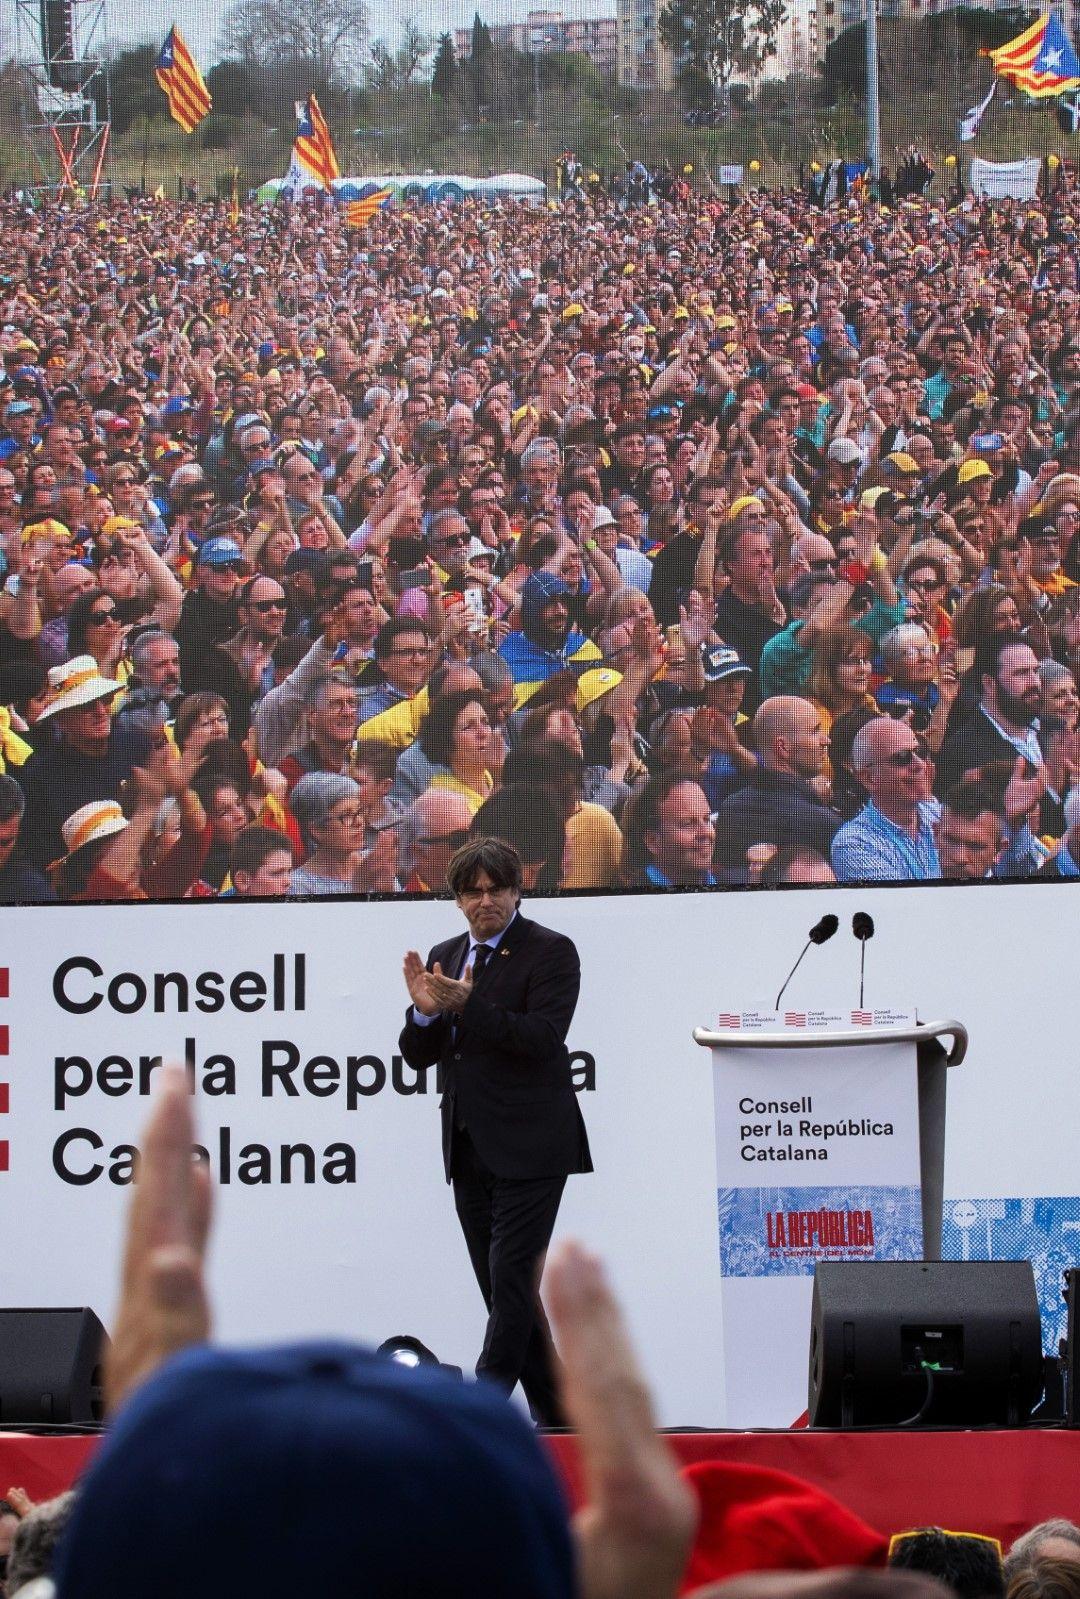 Карлес Пучдемон аплодира събралото се множество на митинга на каталунци в Перпинян